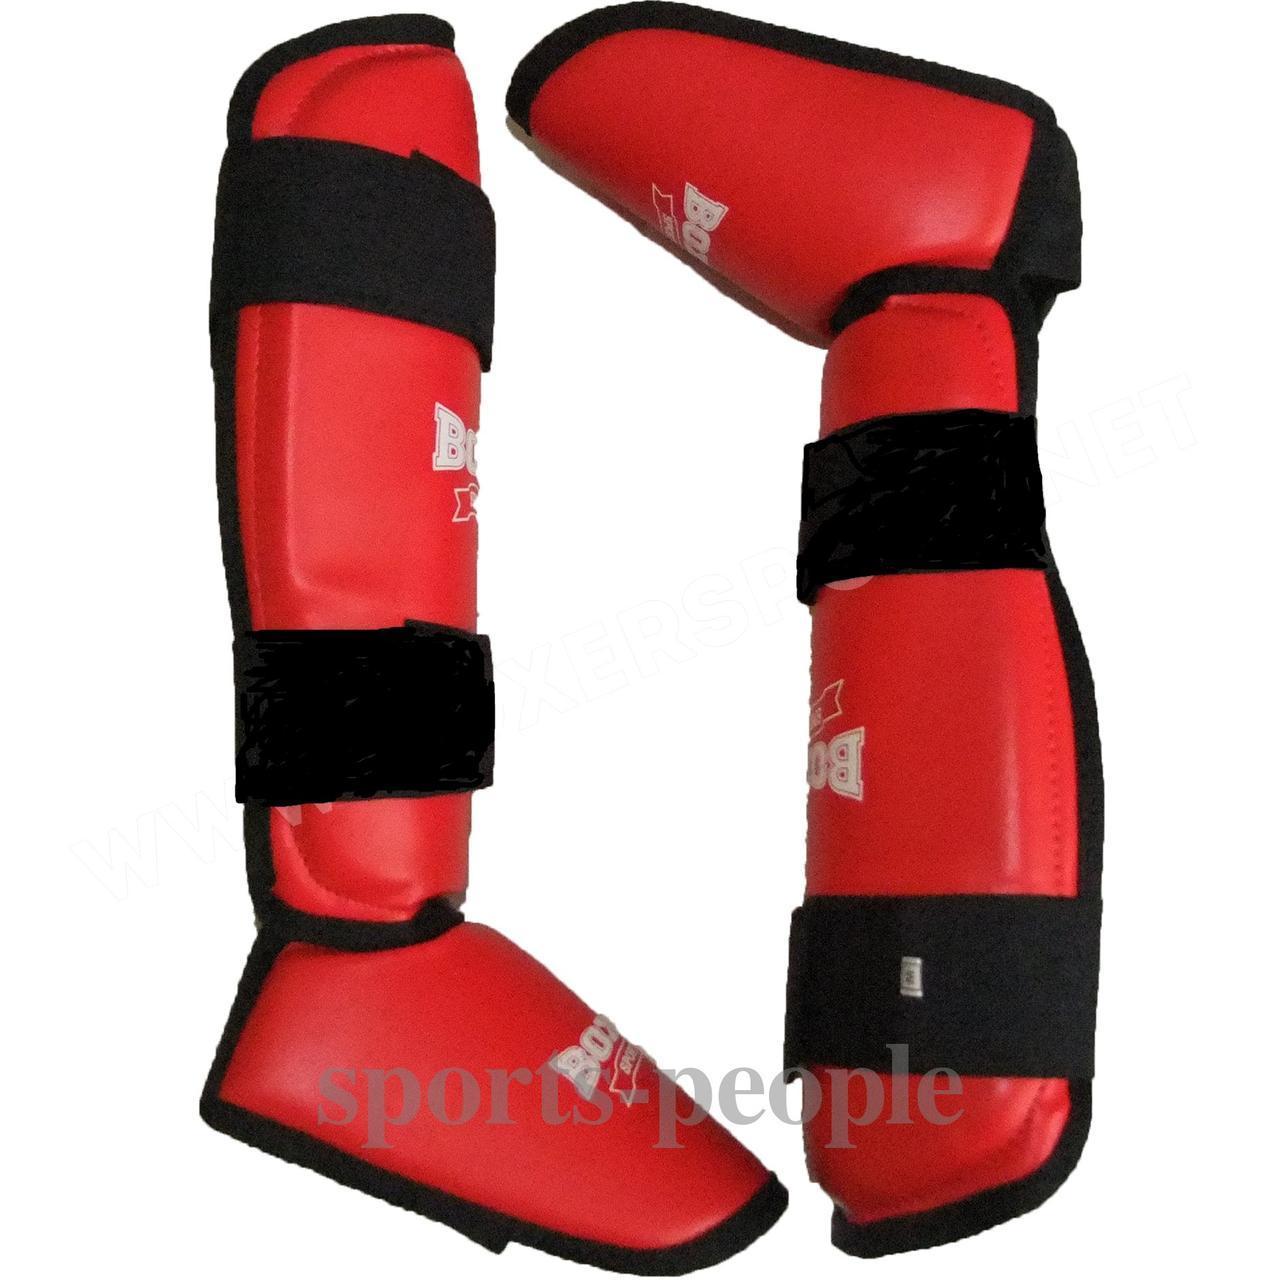 Захист стопи і гомілки (фути) Boxer, вініл, розміри: S, m, L, XL різном. кольори